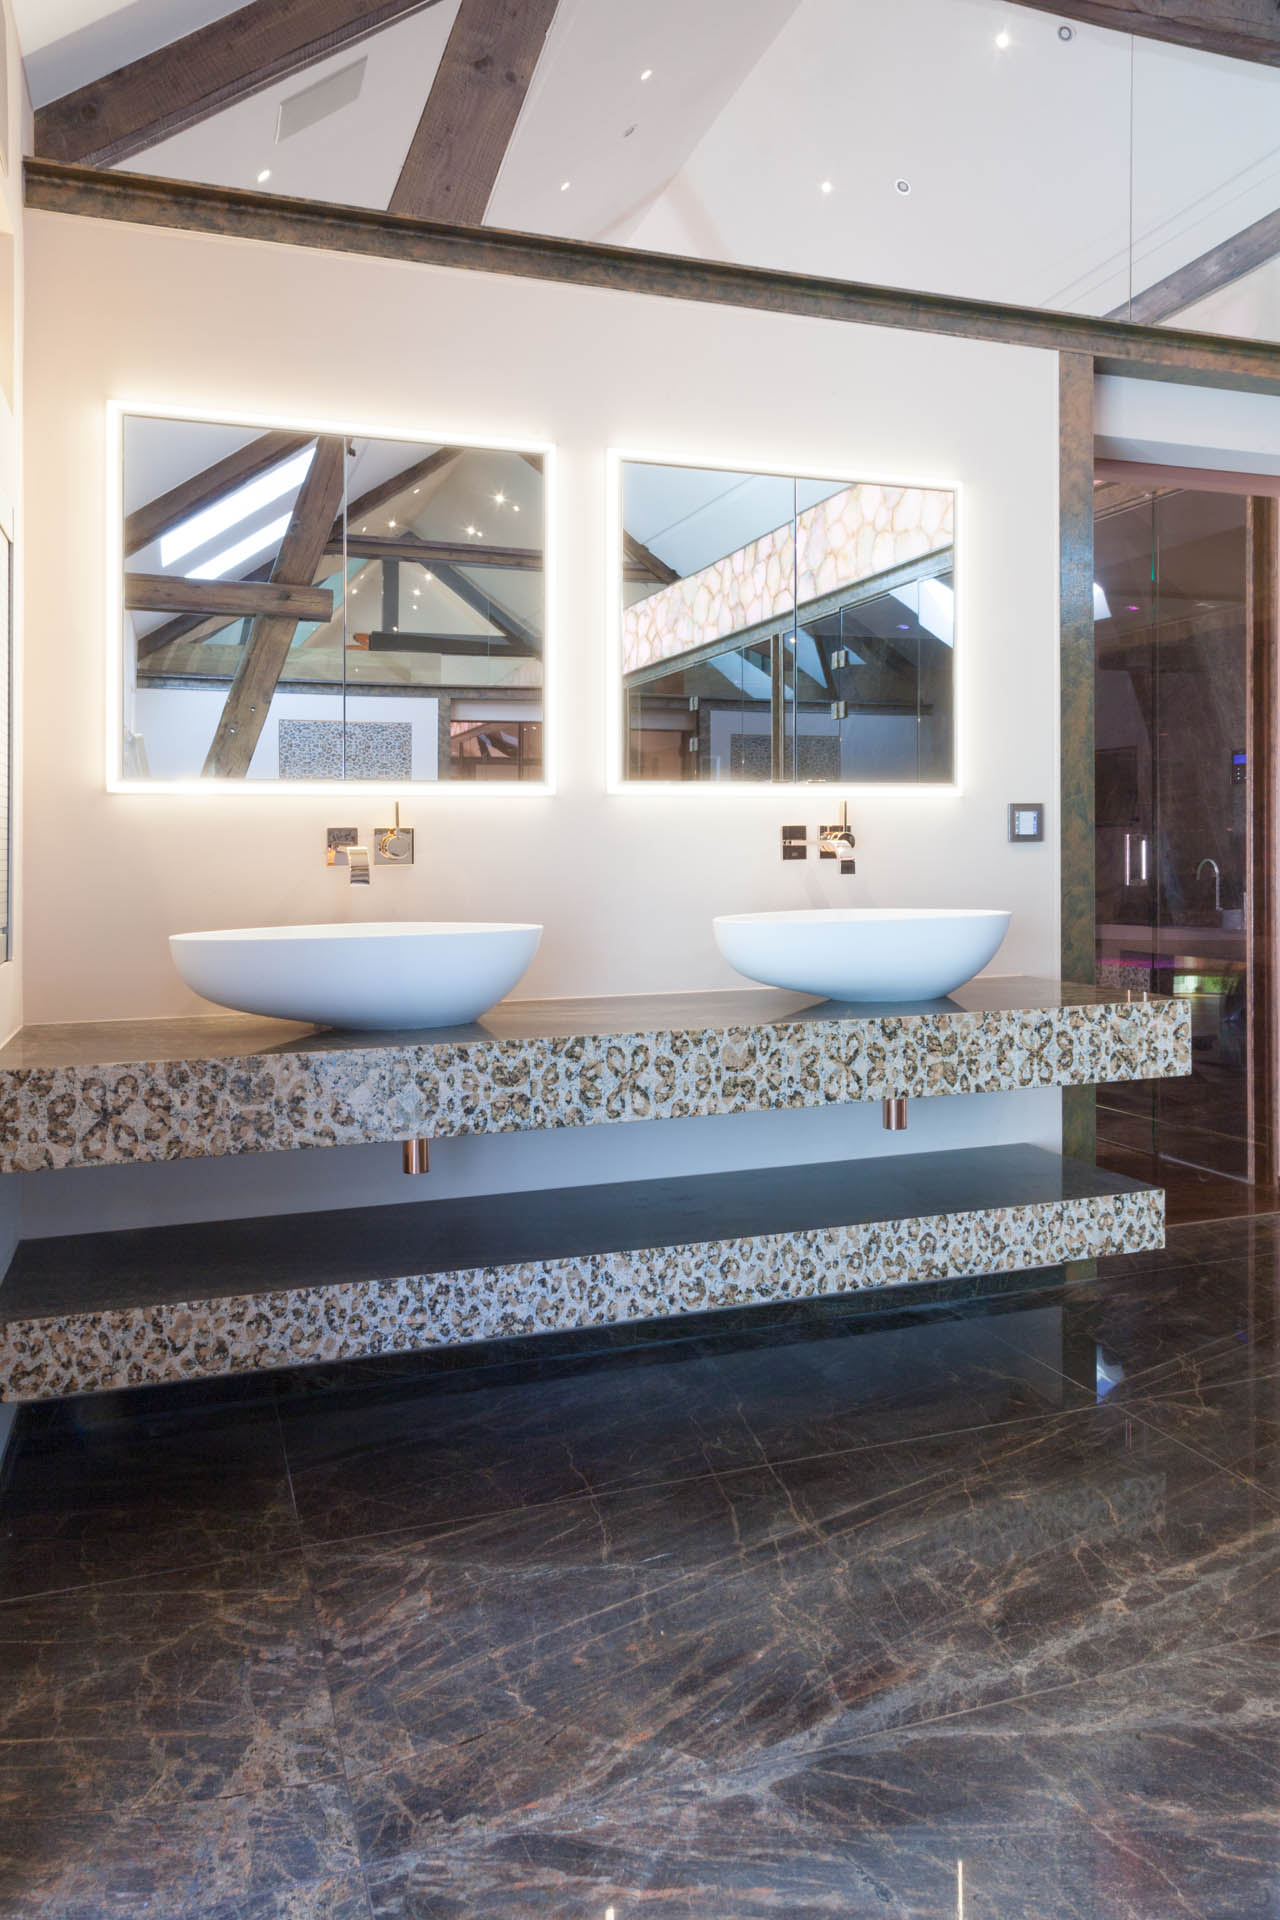 Waschtische mit freistehenden Becken